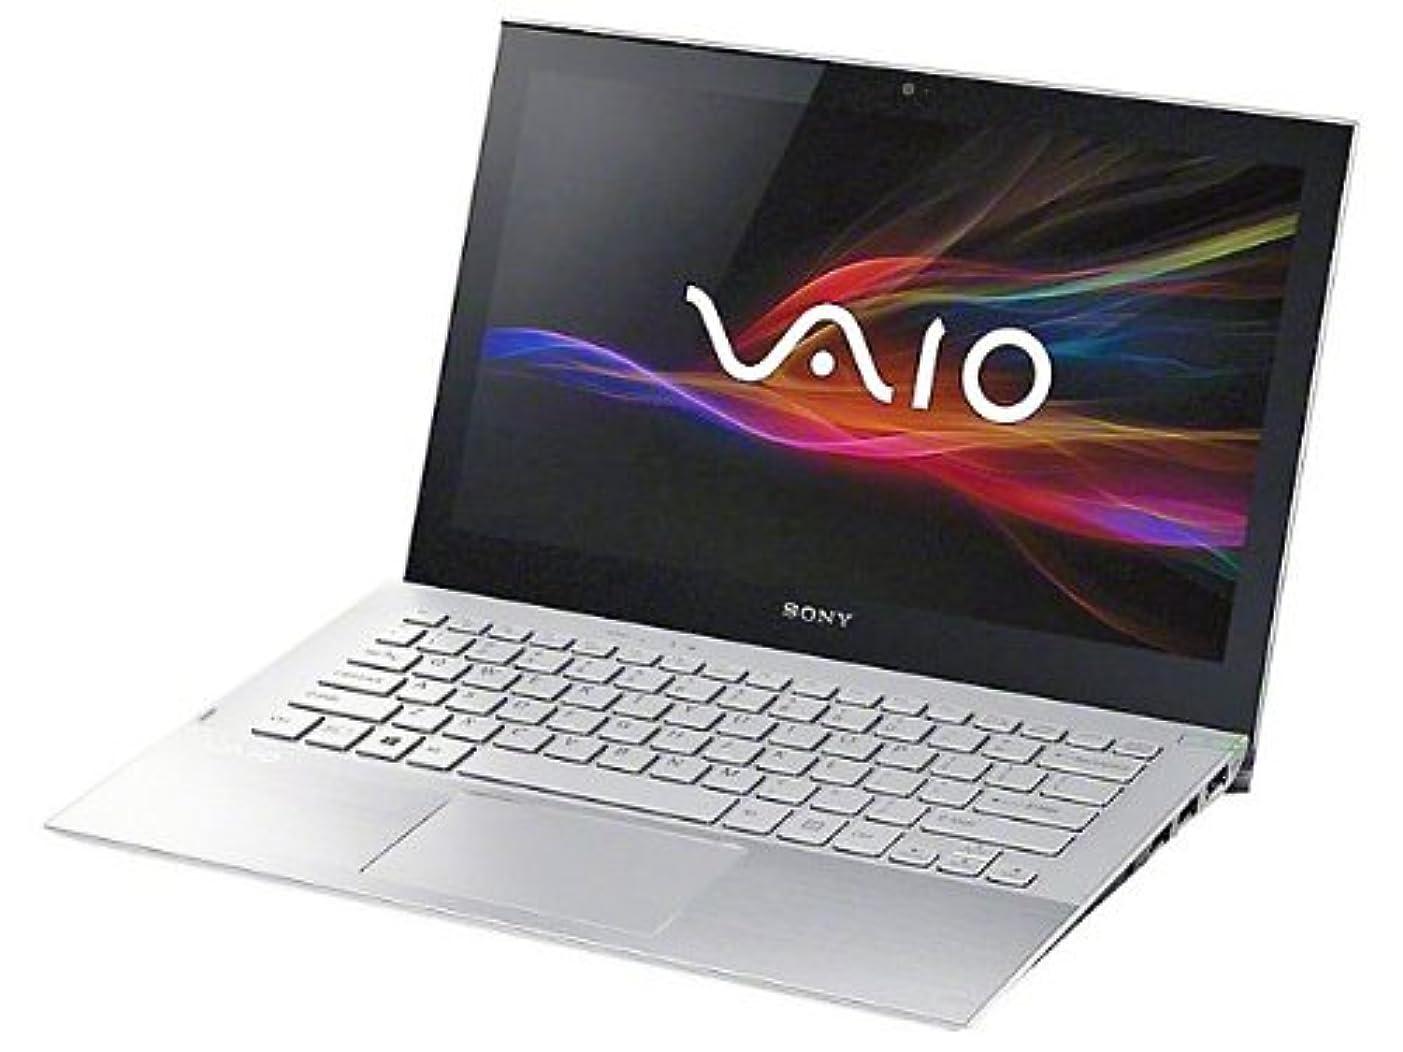 シアーマイクロフォンすべてソニー(SONY) VAIO Pro 11 SVP1121A1J ノートパソコン 11.6型ワイド液晶フルHD シルバー intel Core i5(1.60GHz) メモリー4GB SSD約128GB ドライブ非搭載 Windows8 64ビット Officeなし